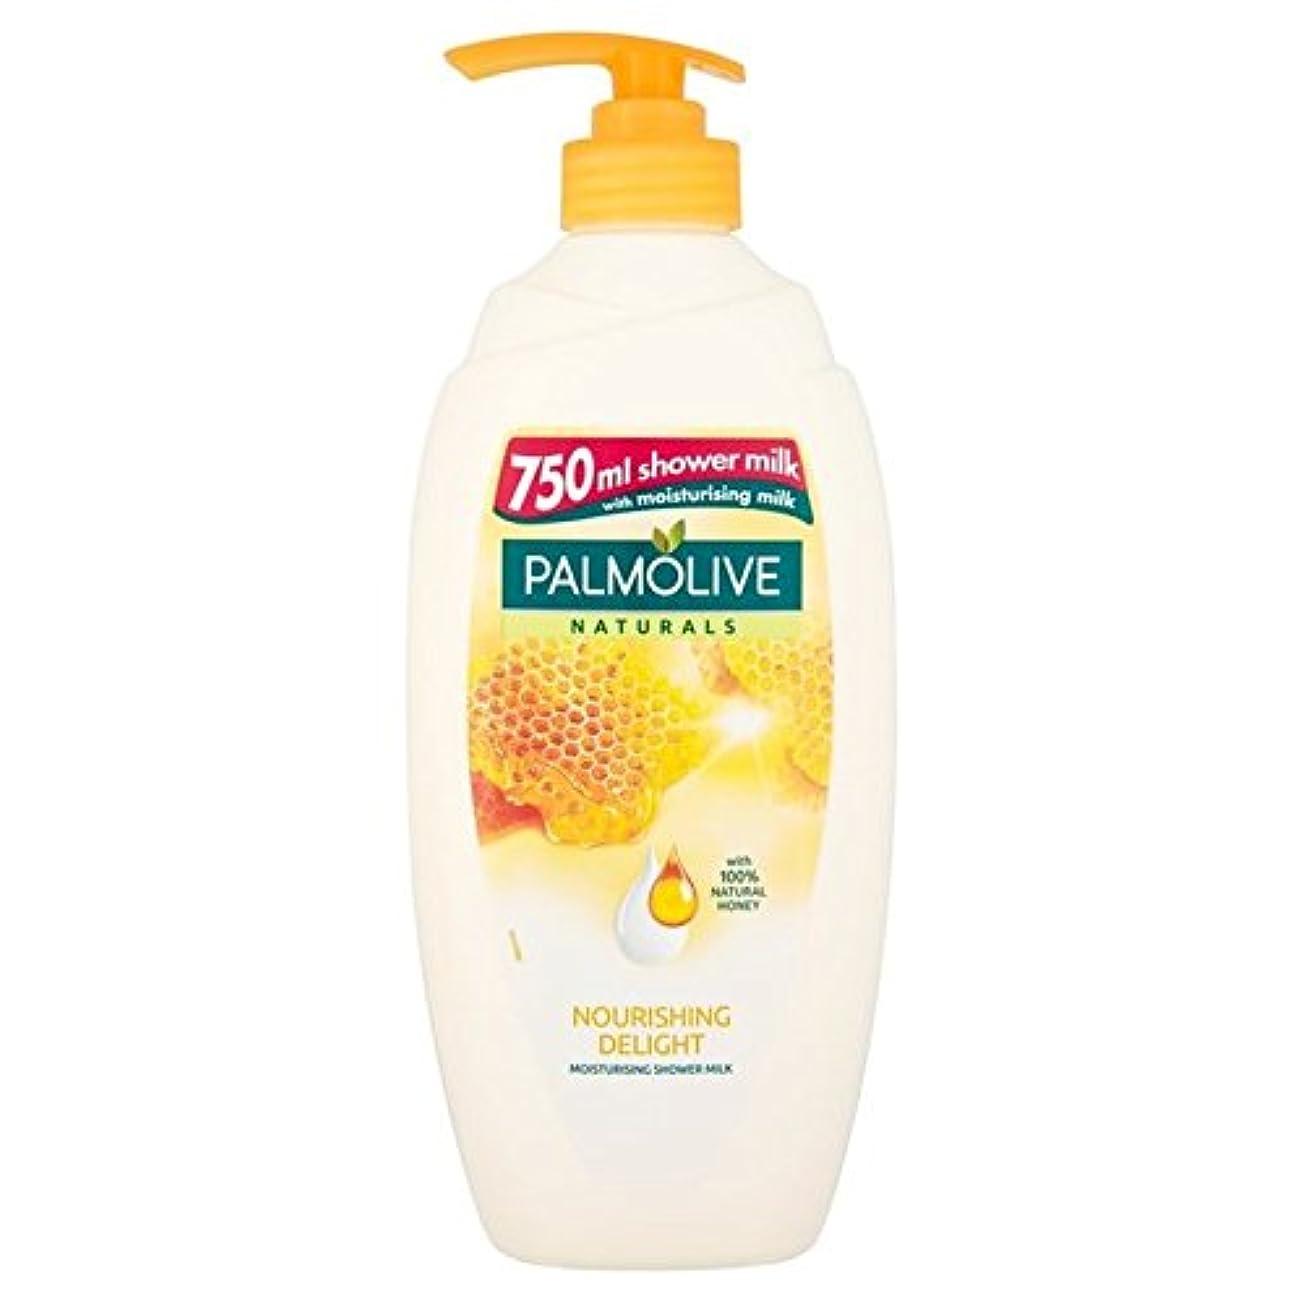 達成するベアリングサークル失速Palmolive Naturals Nourishing Shower Naturals Milk with Honey 750ml - 蜂蜜の750ミリリットルとシャワーナチュラルミルク栄養パルモライブナチュラル [...